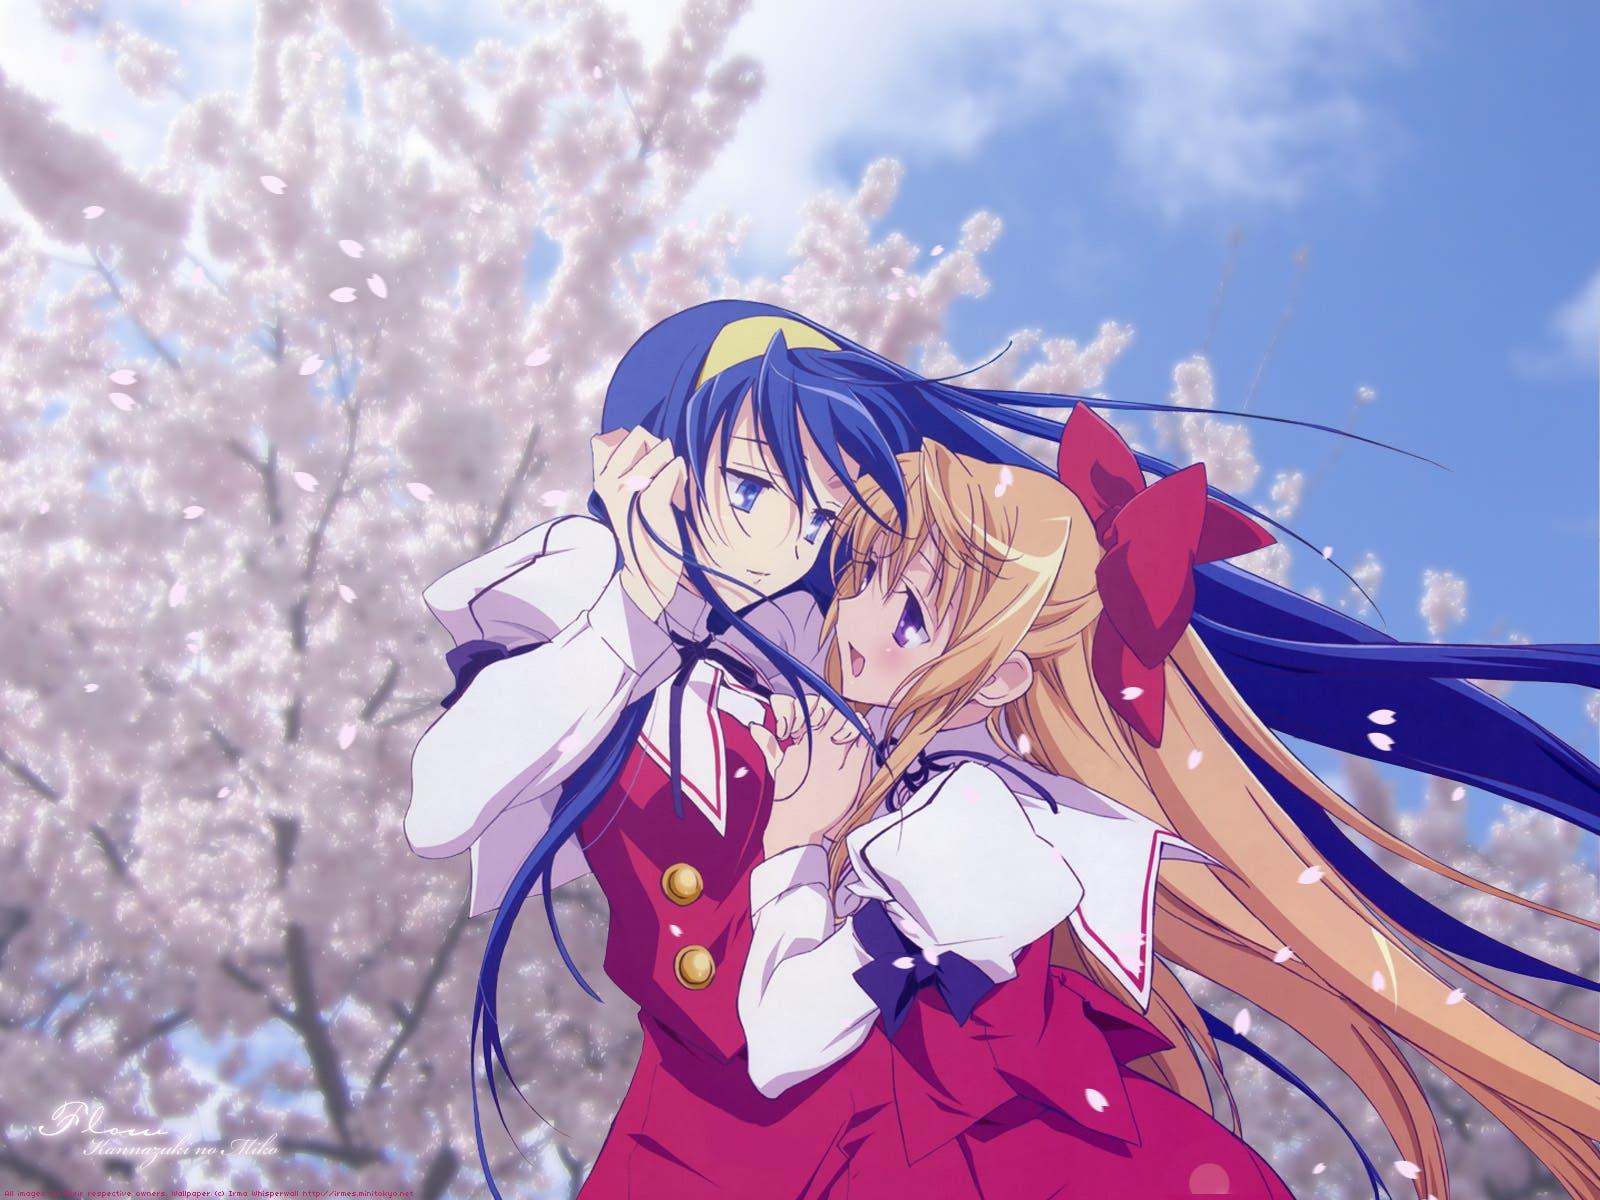 ¡Cinco series clásicas de anime yuri que no puedes dejar de ver!